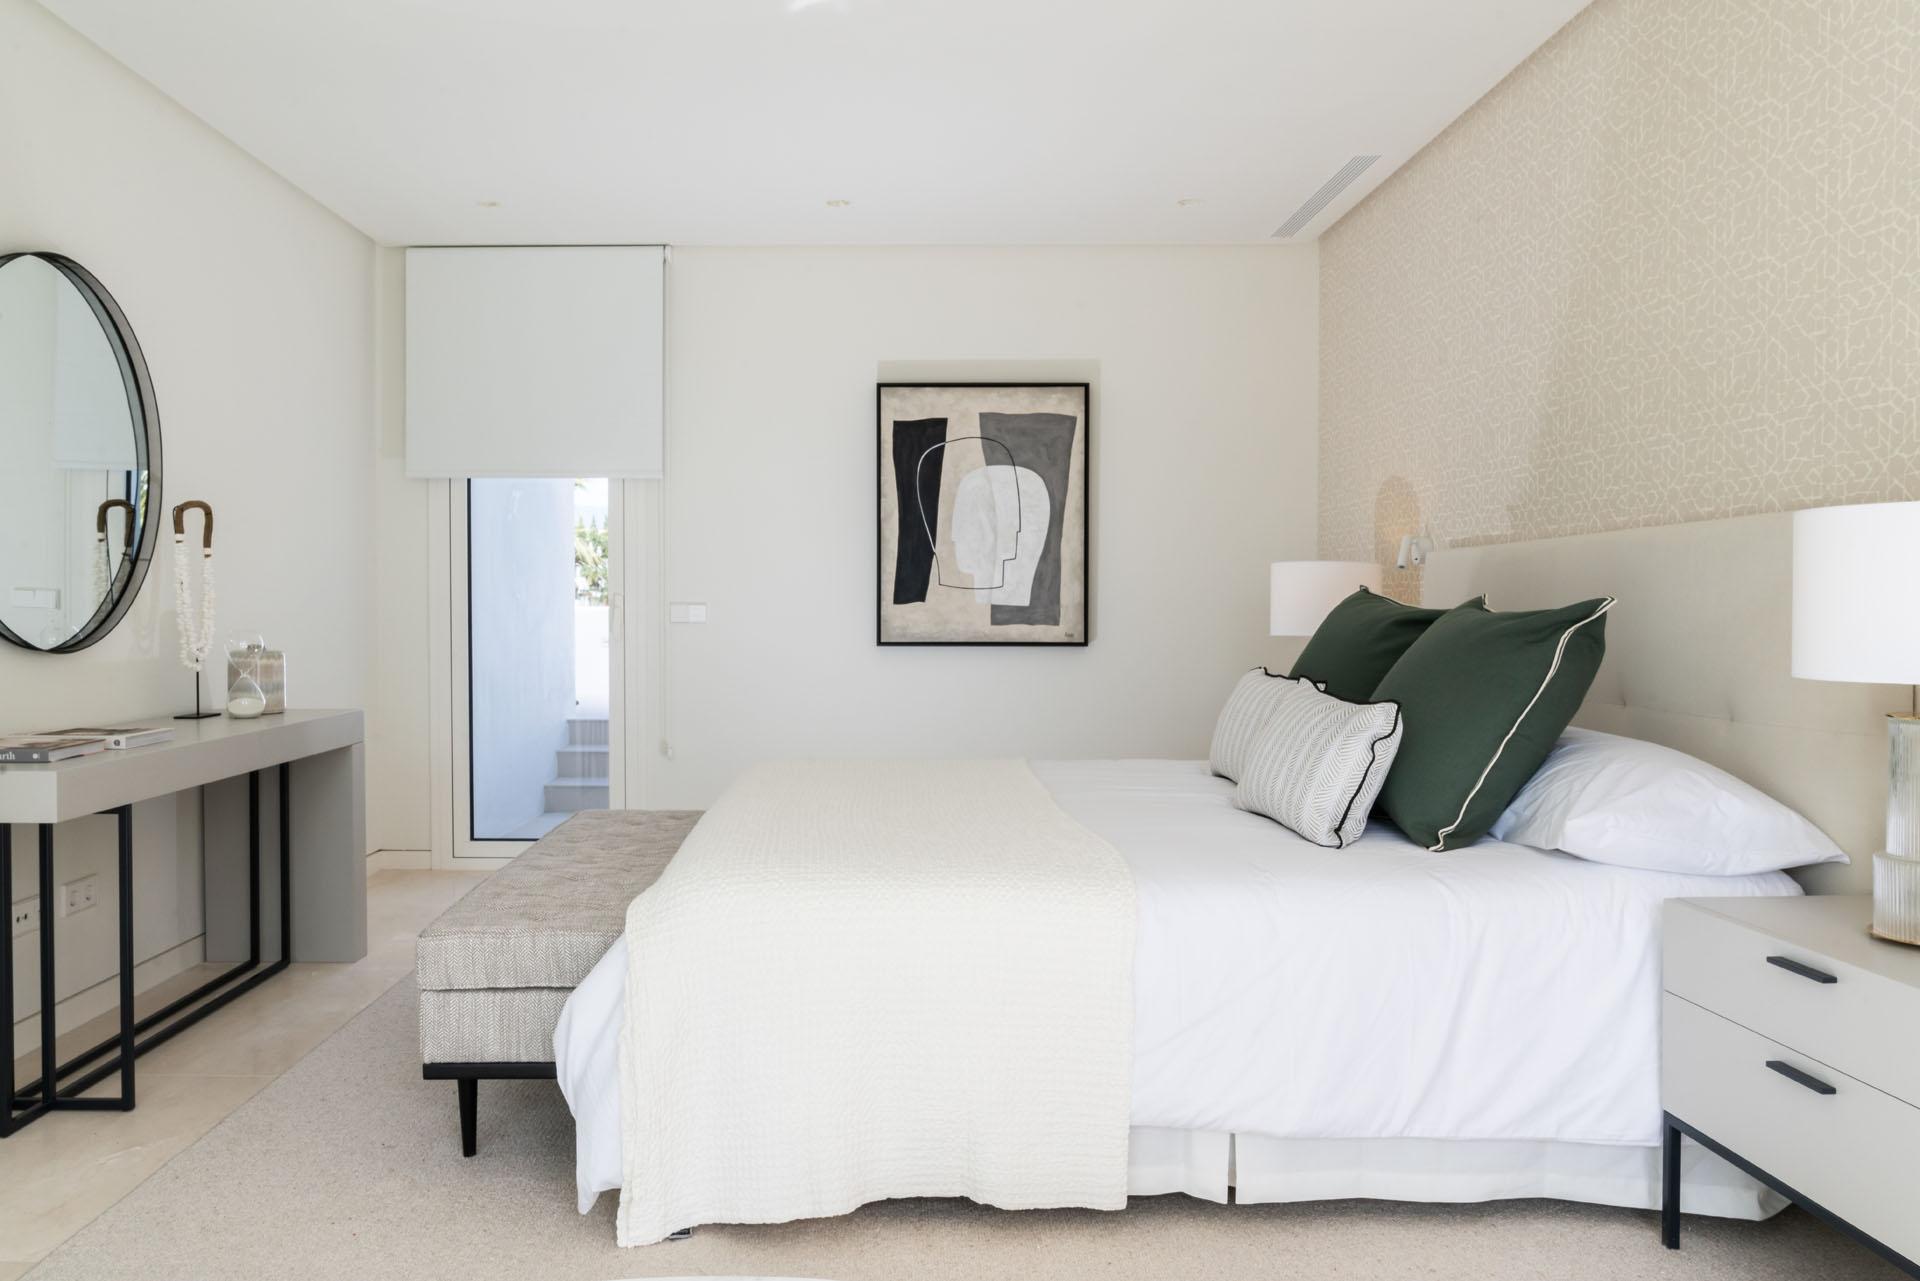 Puente Romano duplex apartment interior design main bedroom